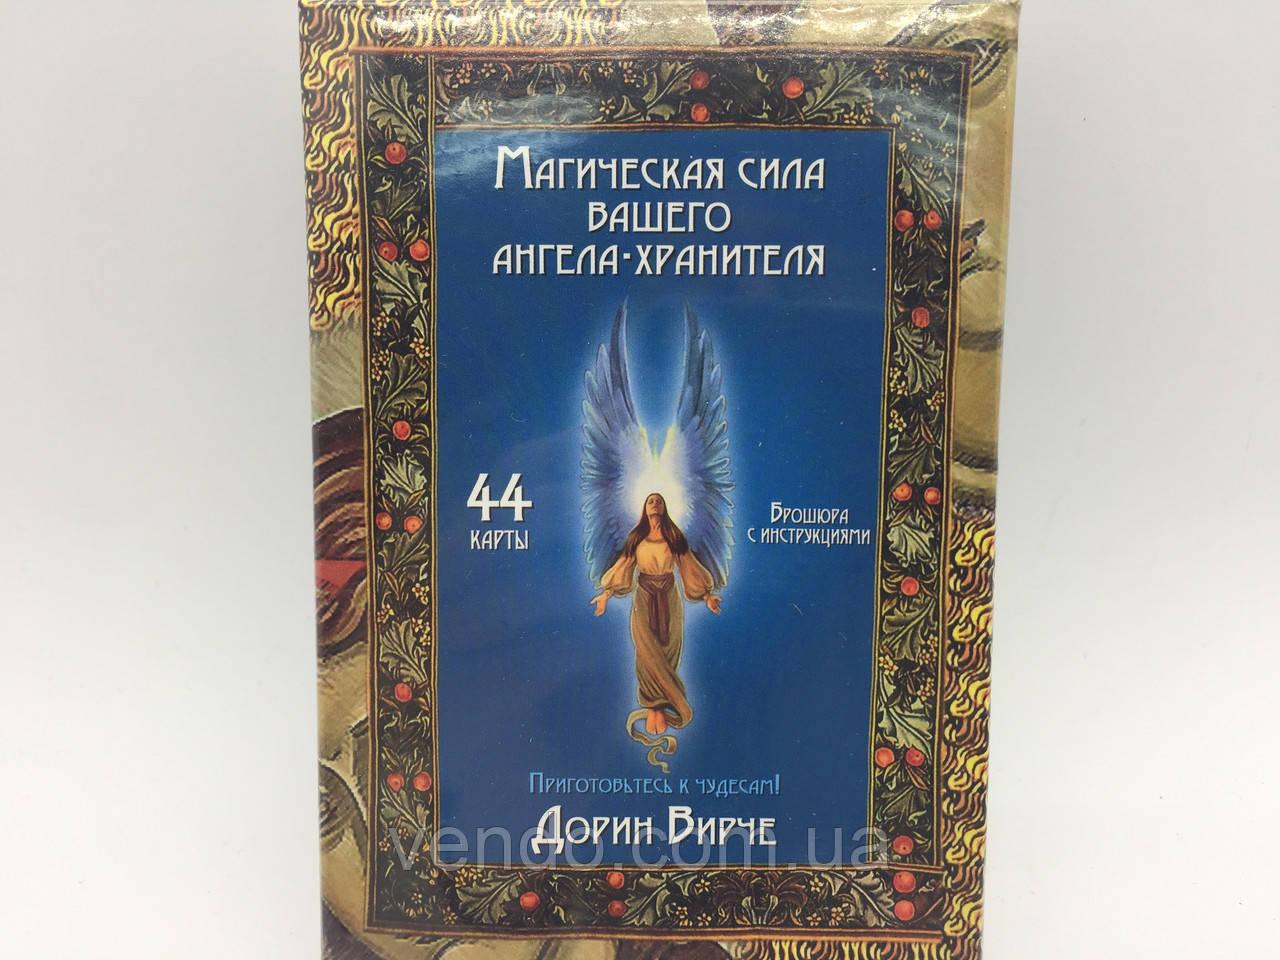 Таро Дорин Вирче, Магическая сила вышего агела-хранителя.